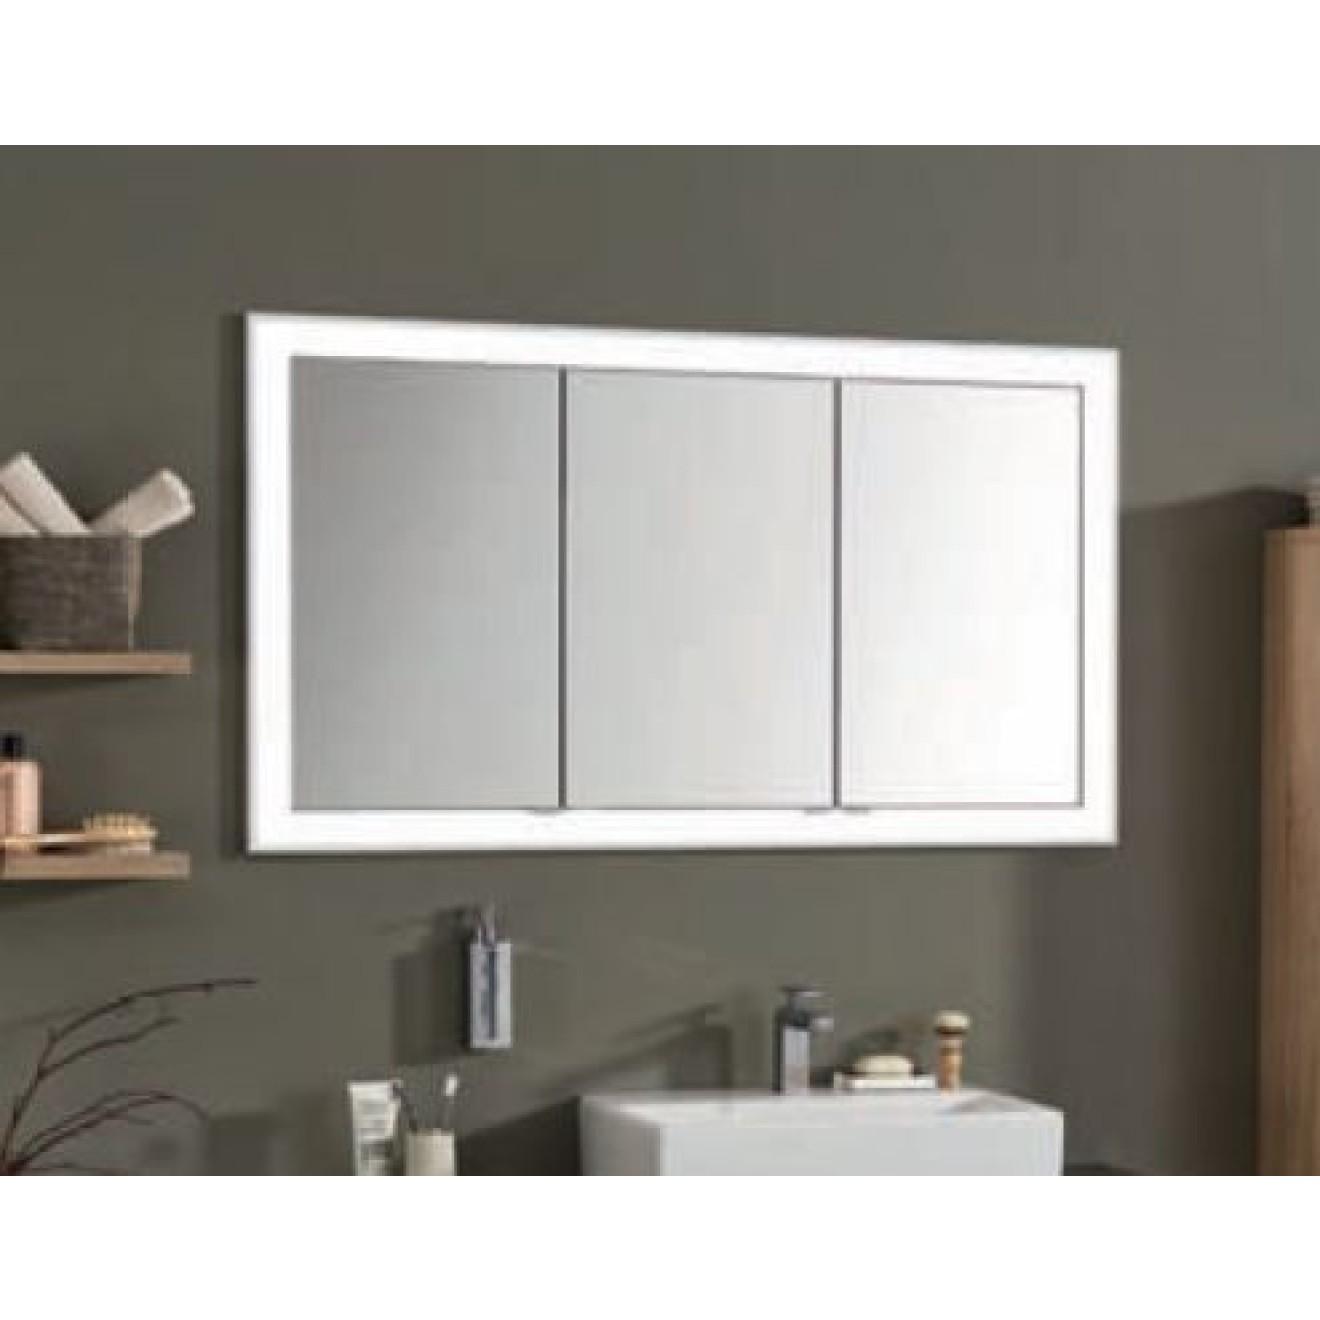 Einbau-Spiegelschrank 152 cm 3-türig mit LED Leuchtkranz ...